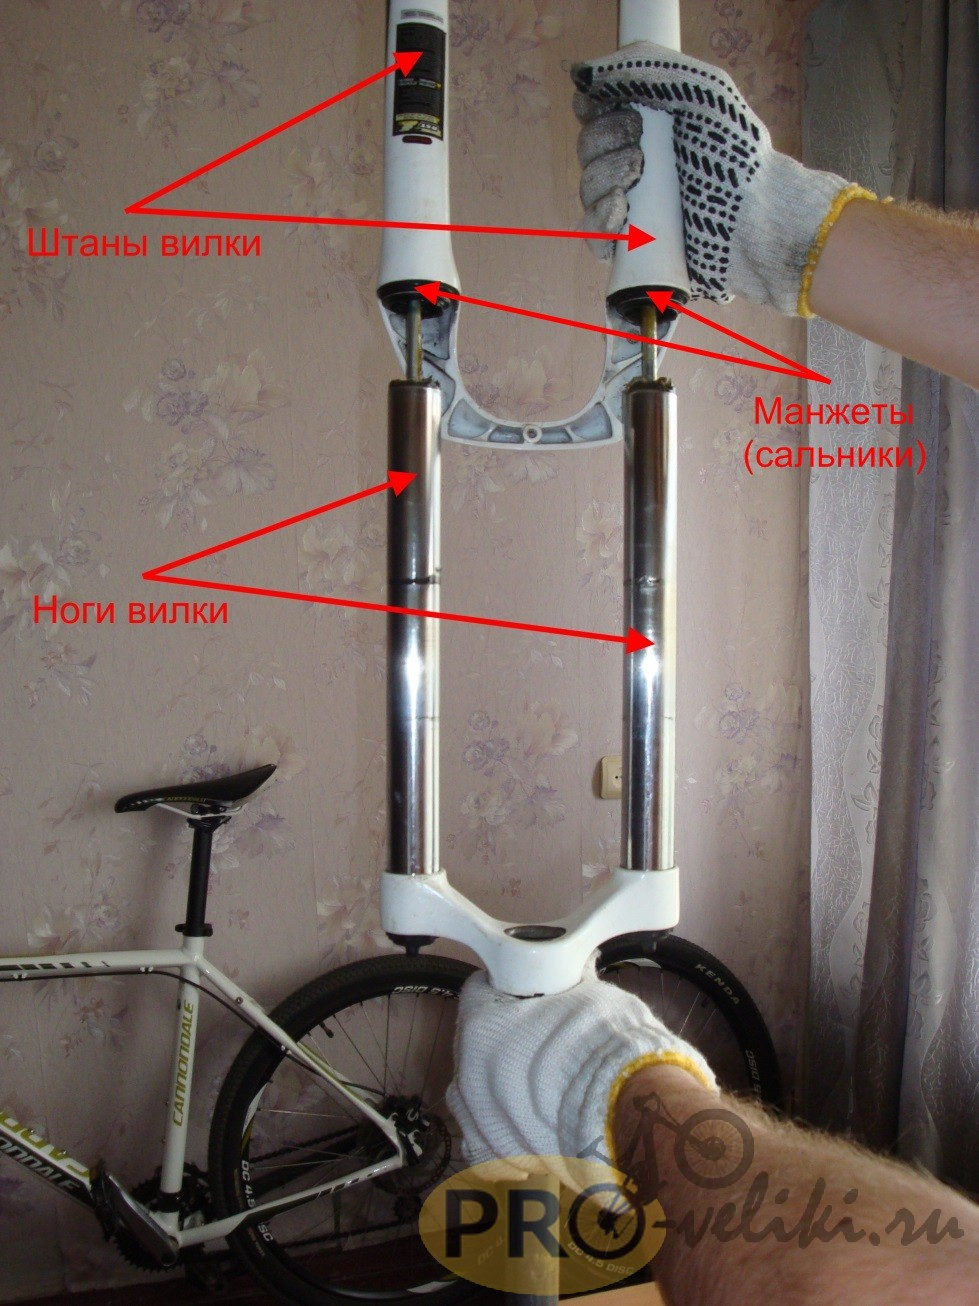 Как правильно мыть велосипед - подробная инструкция